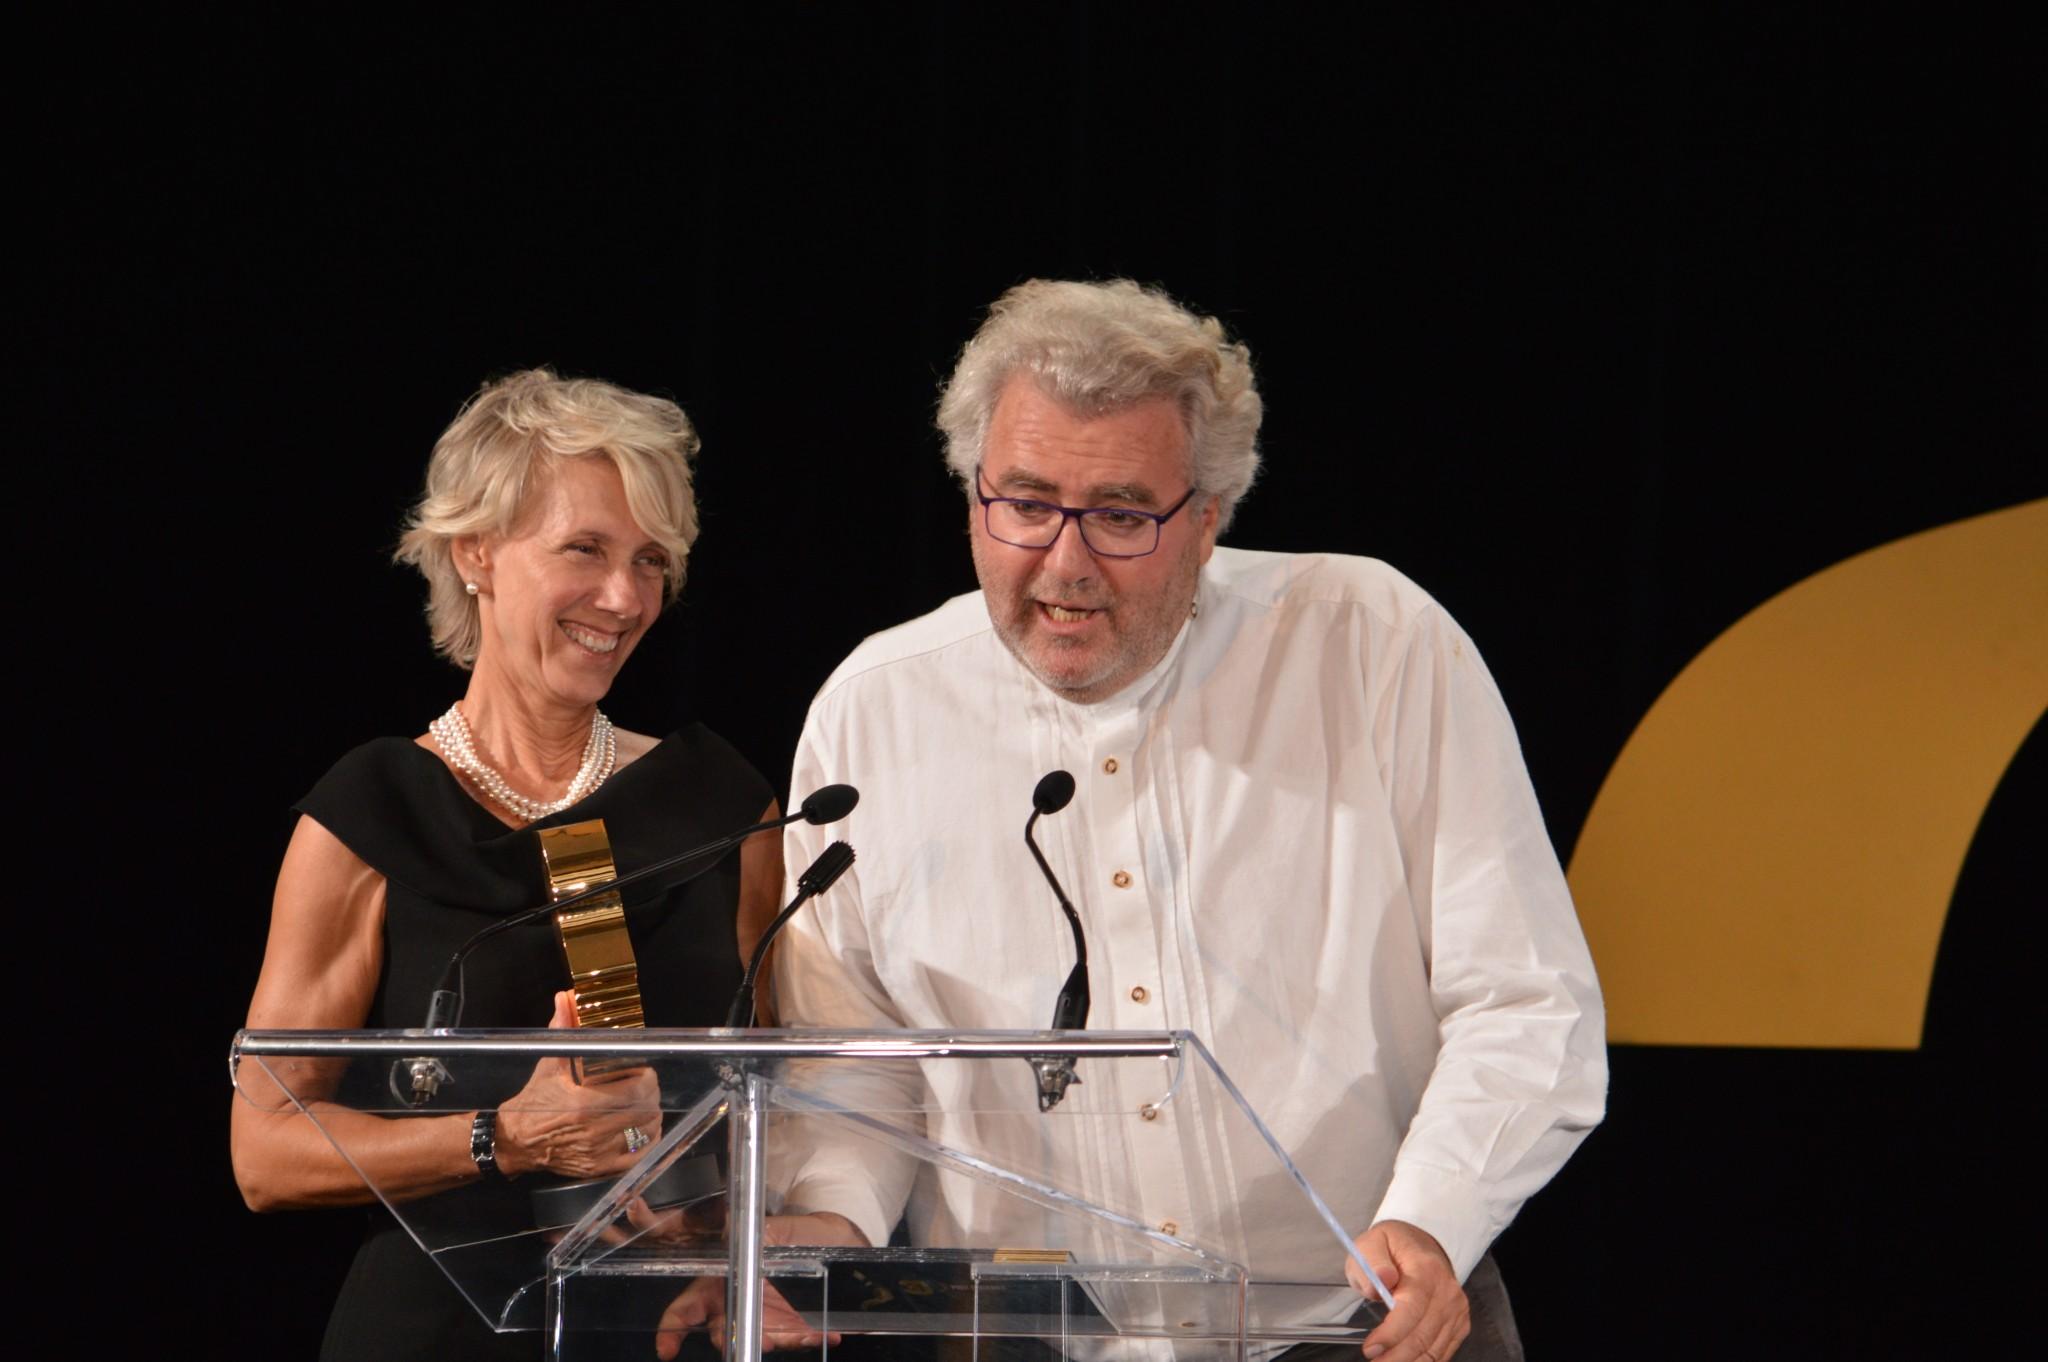 Prix Gémeaux, Apocalypse la 1ère Guerre mondiale, Nouvelle adresse et 19-2 les plus récompensées à la Soirée des artisans et du documentaire